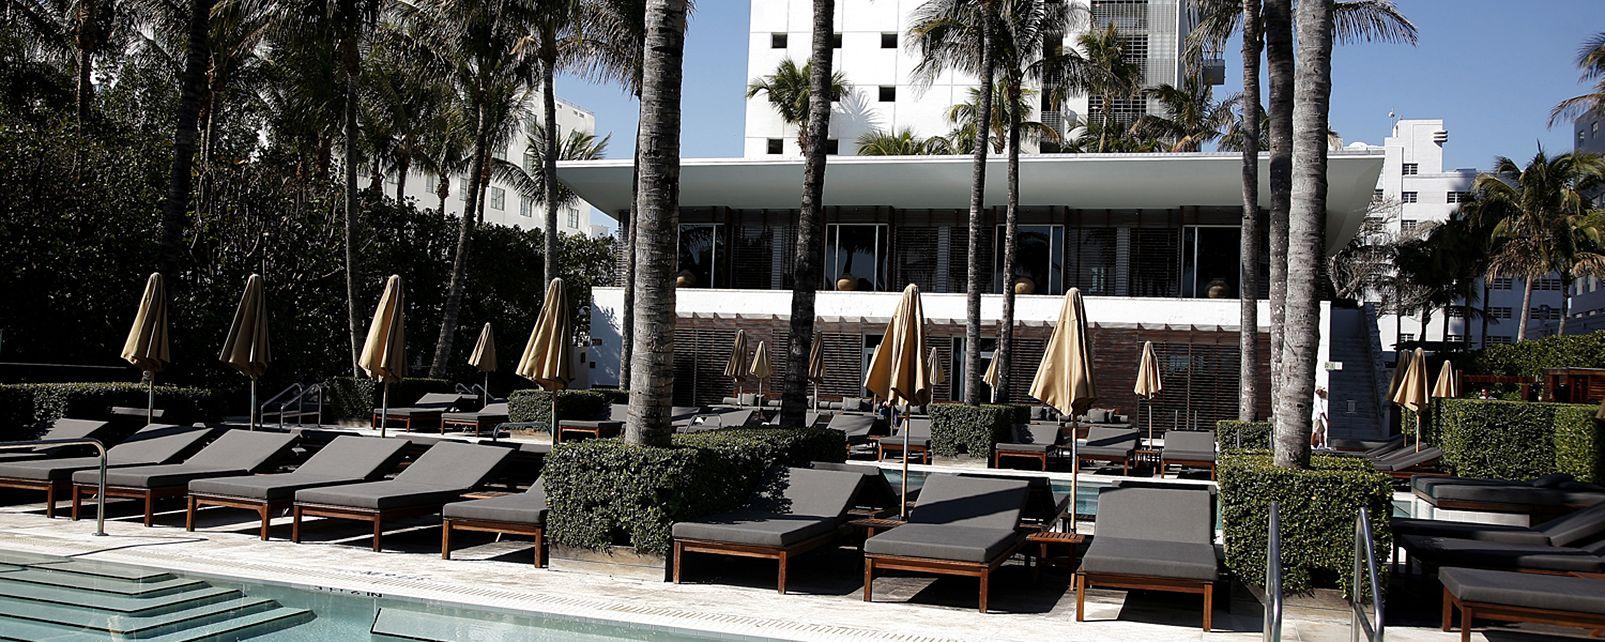 Hotel  The Setai South Beach